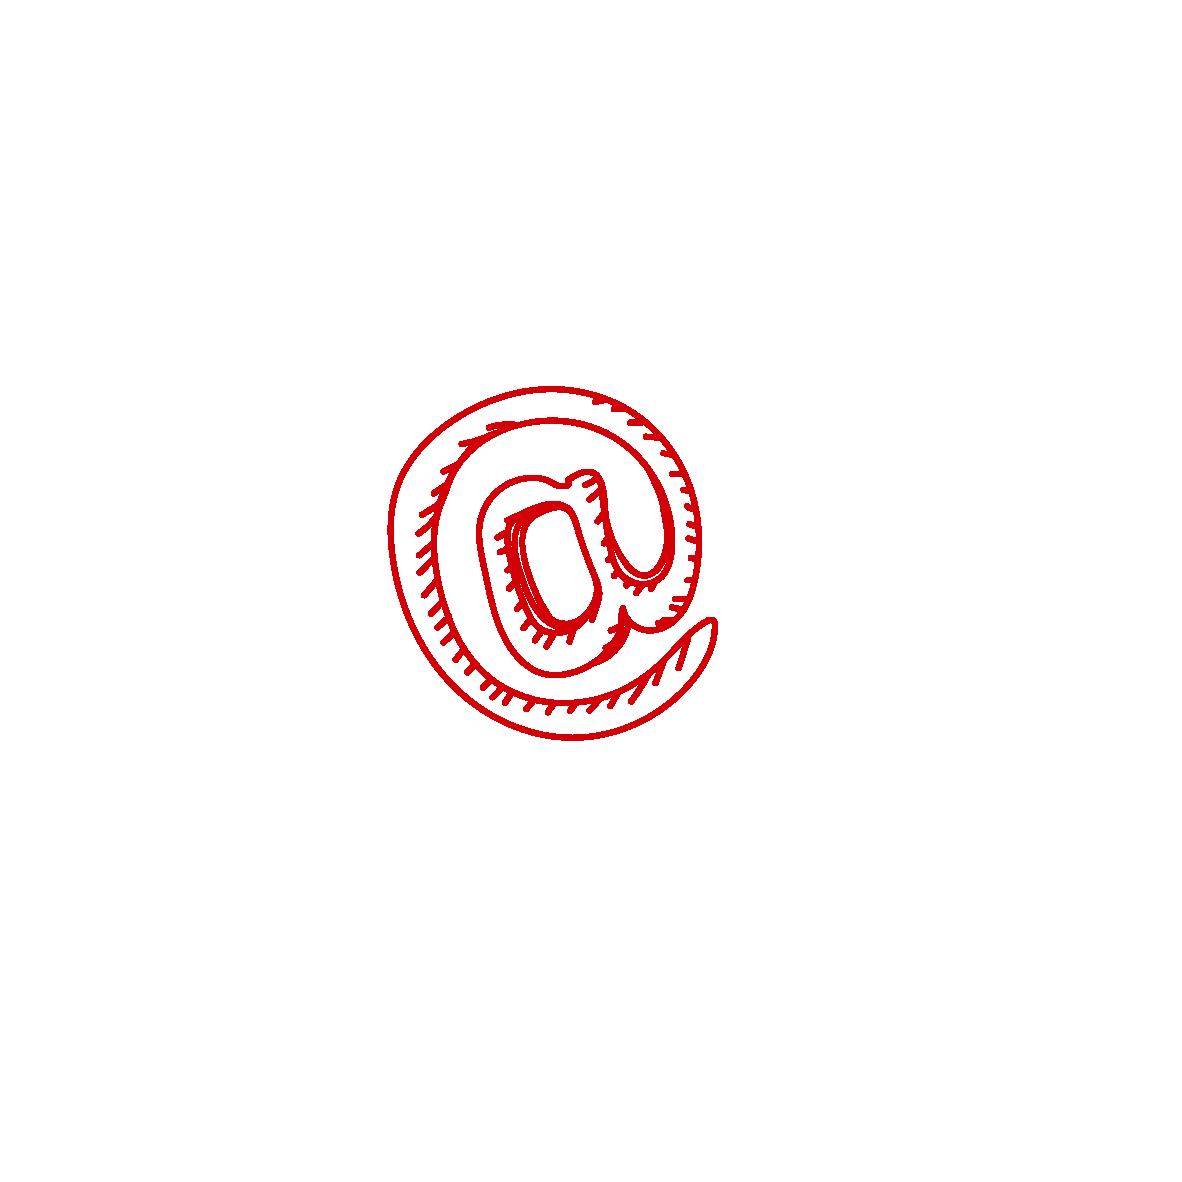 Nutzen Sie einfach unser Kontaktformular und kontaktieren Sie die Friedsam Werbeagentur